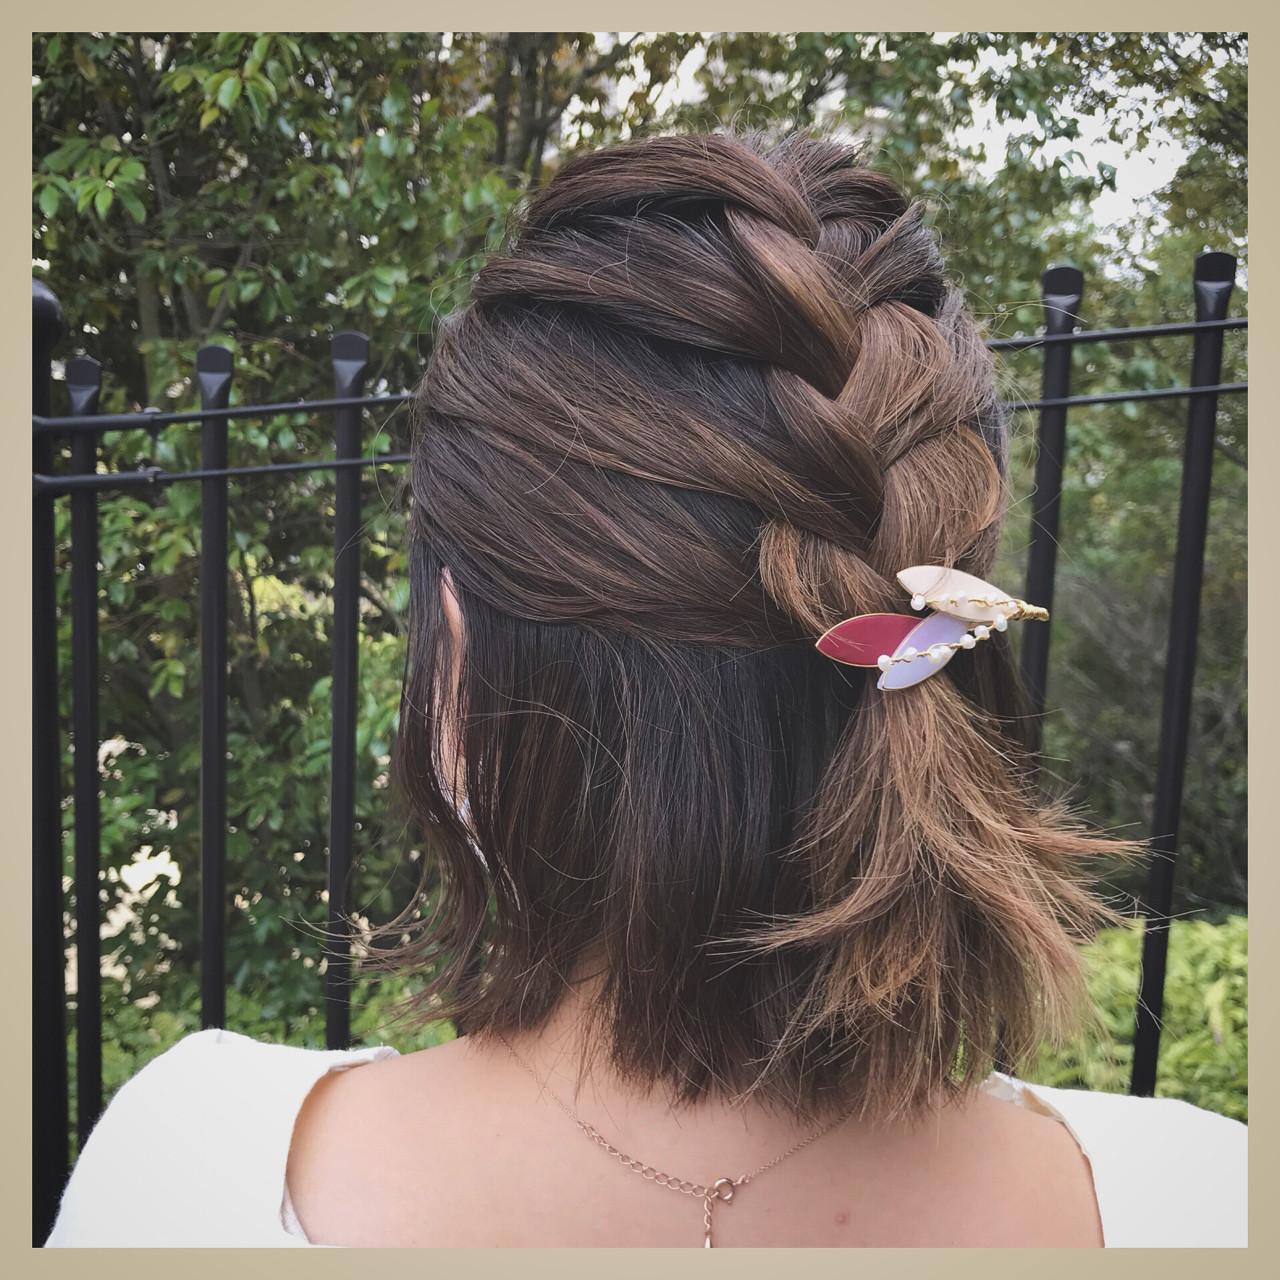 ハーフアップ グラデーションカラー 編み込み 簡単ヘアアレンジ ヘアスタイルや髪型の写真・画像